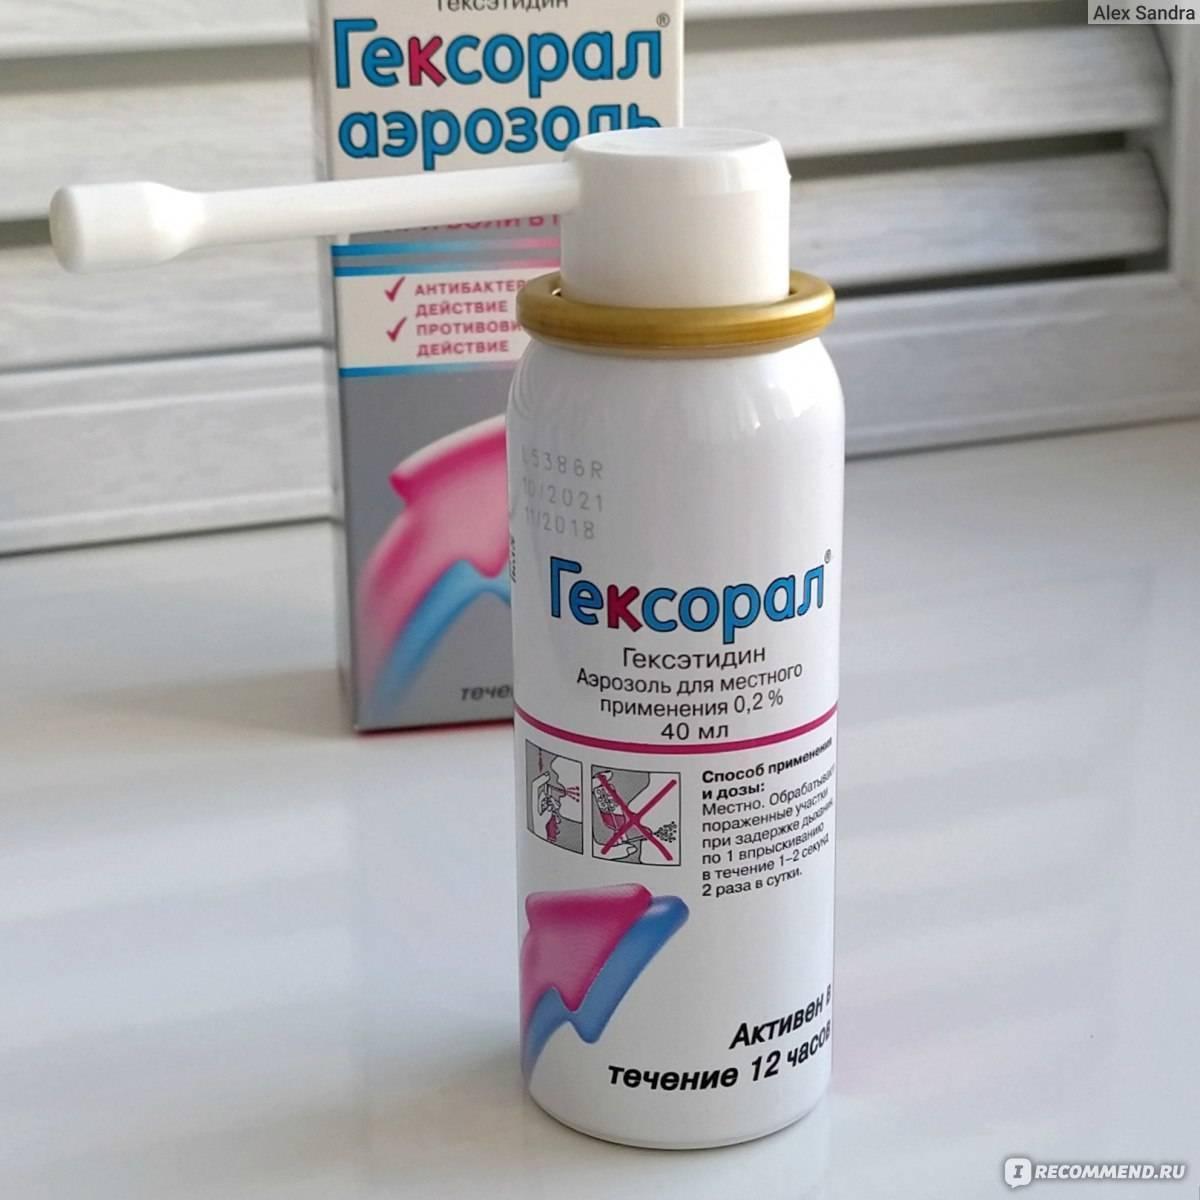 Спрей гексорал: инструкция по применению, дешевые аналоги